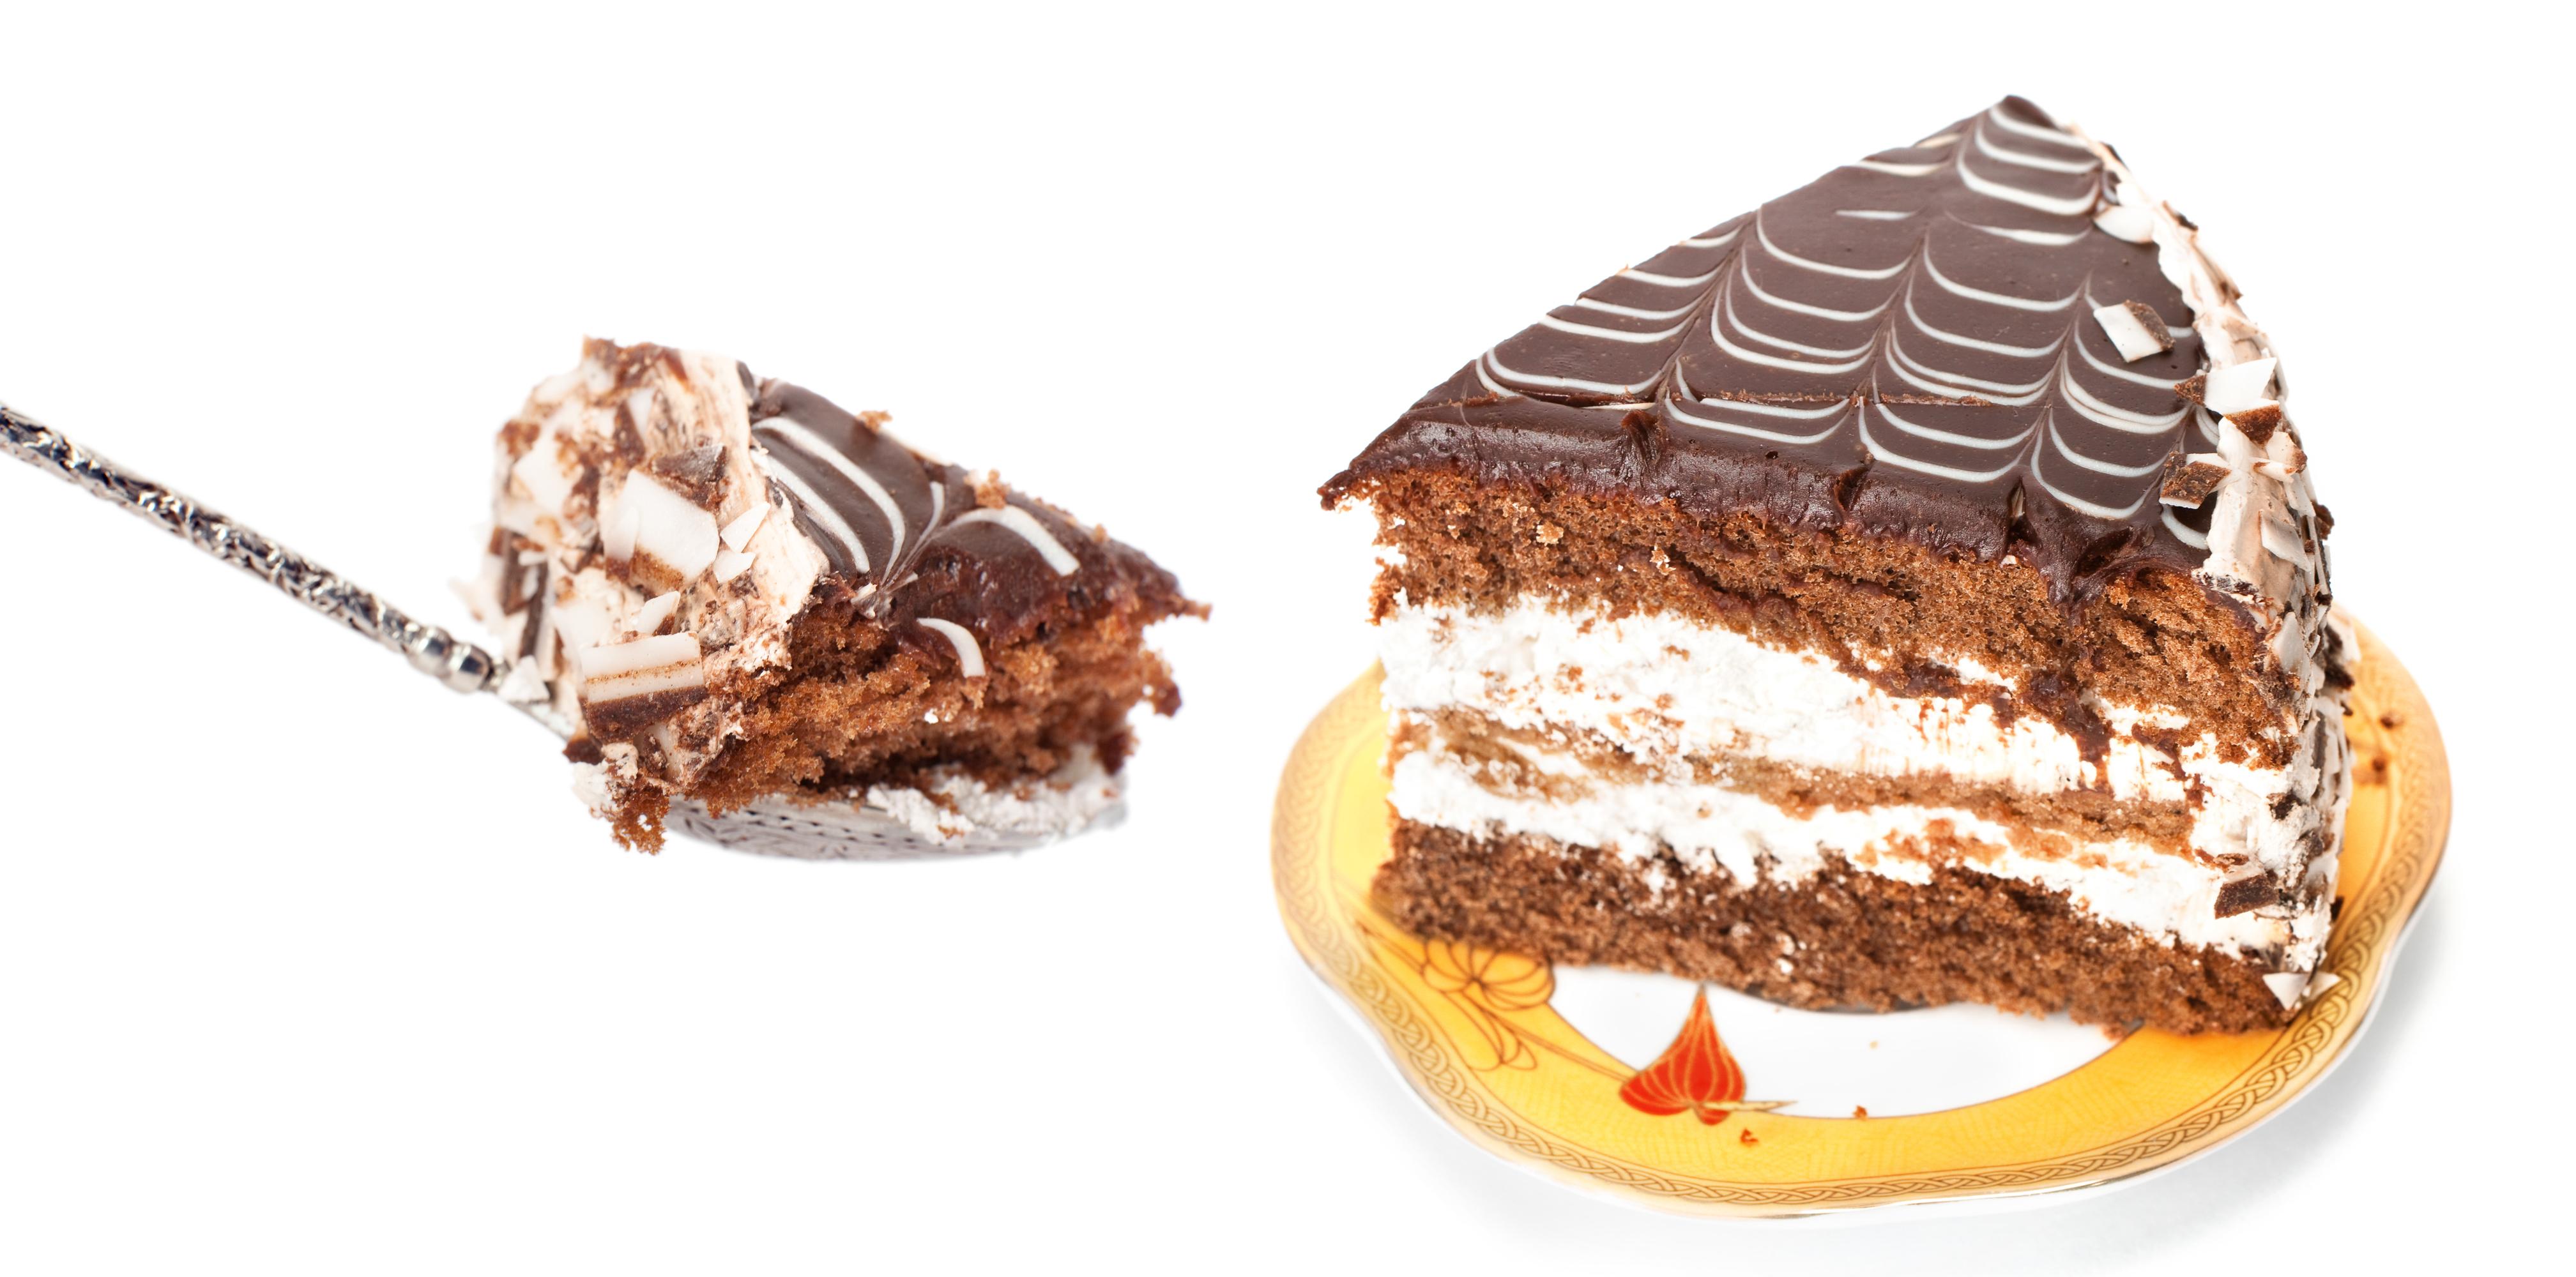 Chocolate cream cake photo